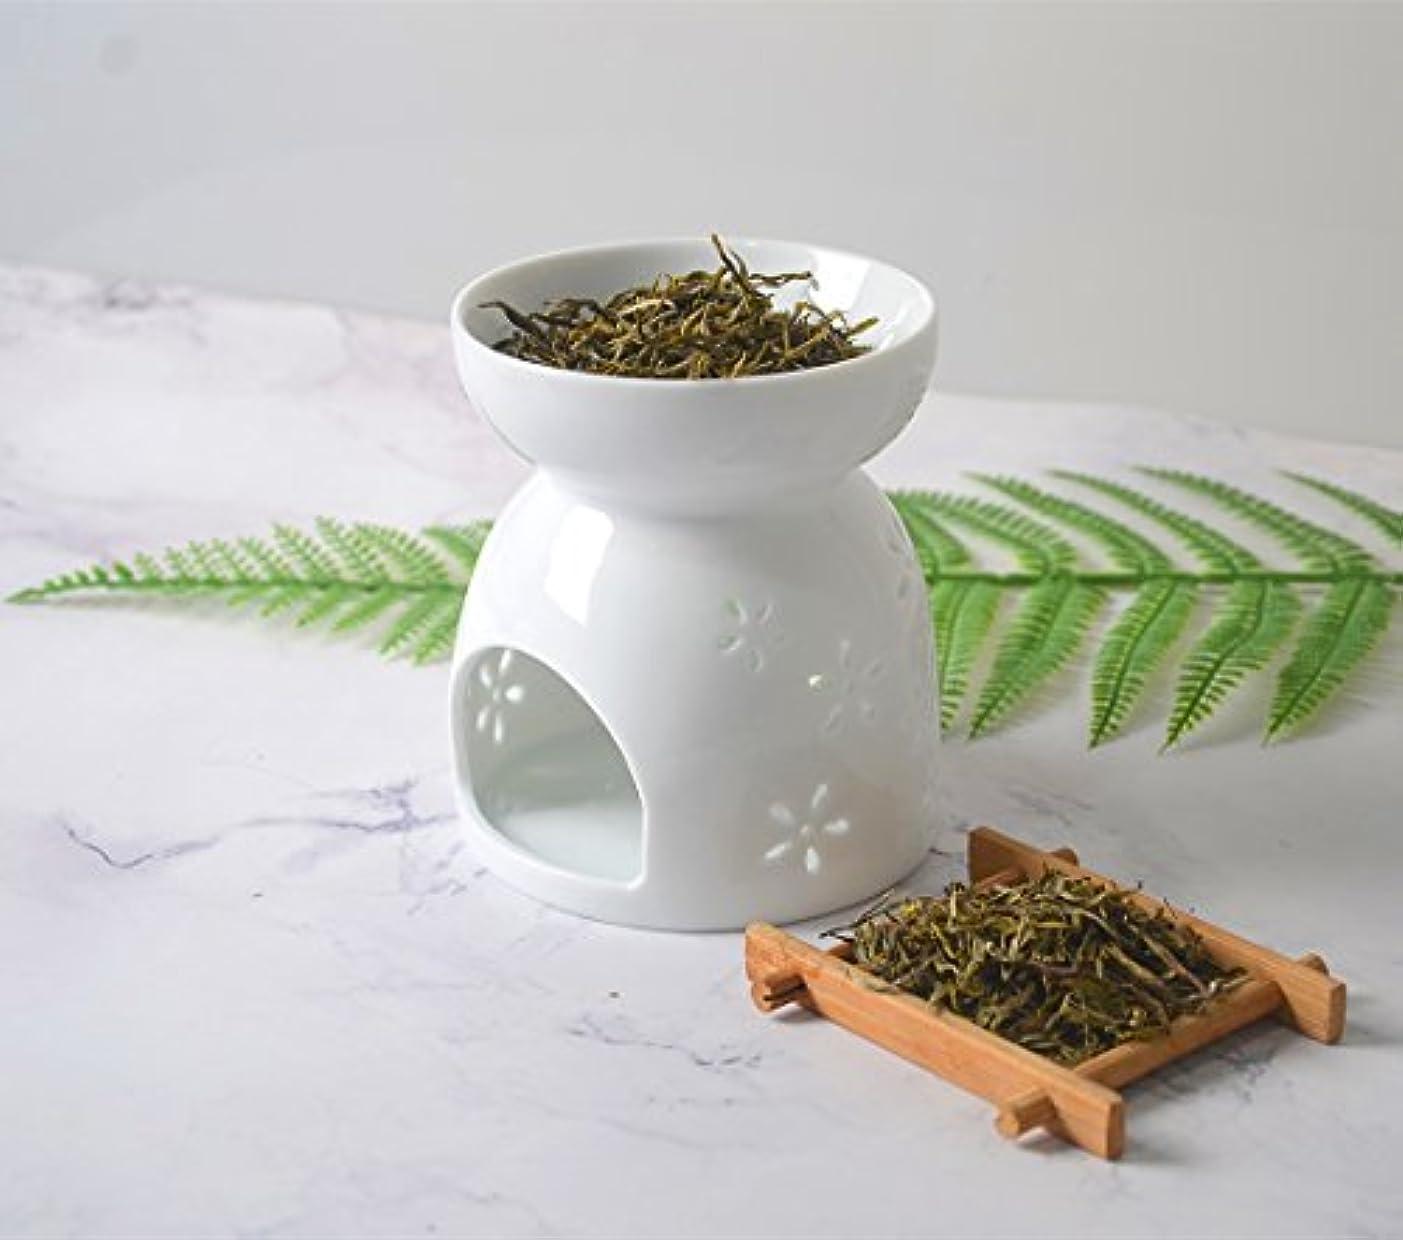 学ぶブロッサム未払いHwagui アロマ炉 癒しの 香り 茶 香炉 茶香炉 陶器 おしゃれ 贈り物 お茶の香り ホワイト 人気商品 陶芸 置物 消臭と love